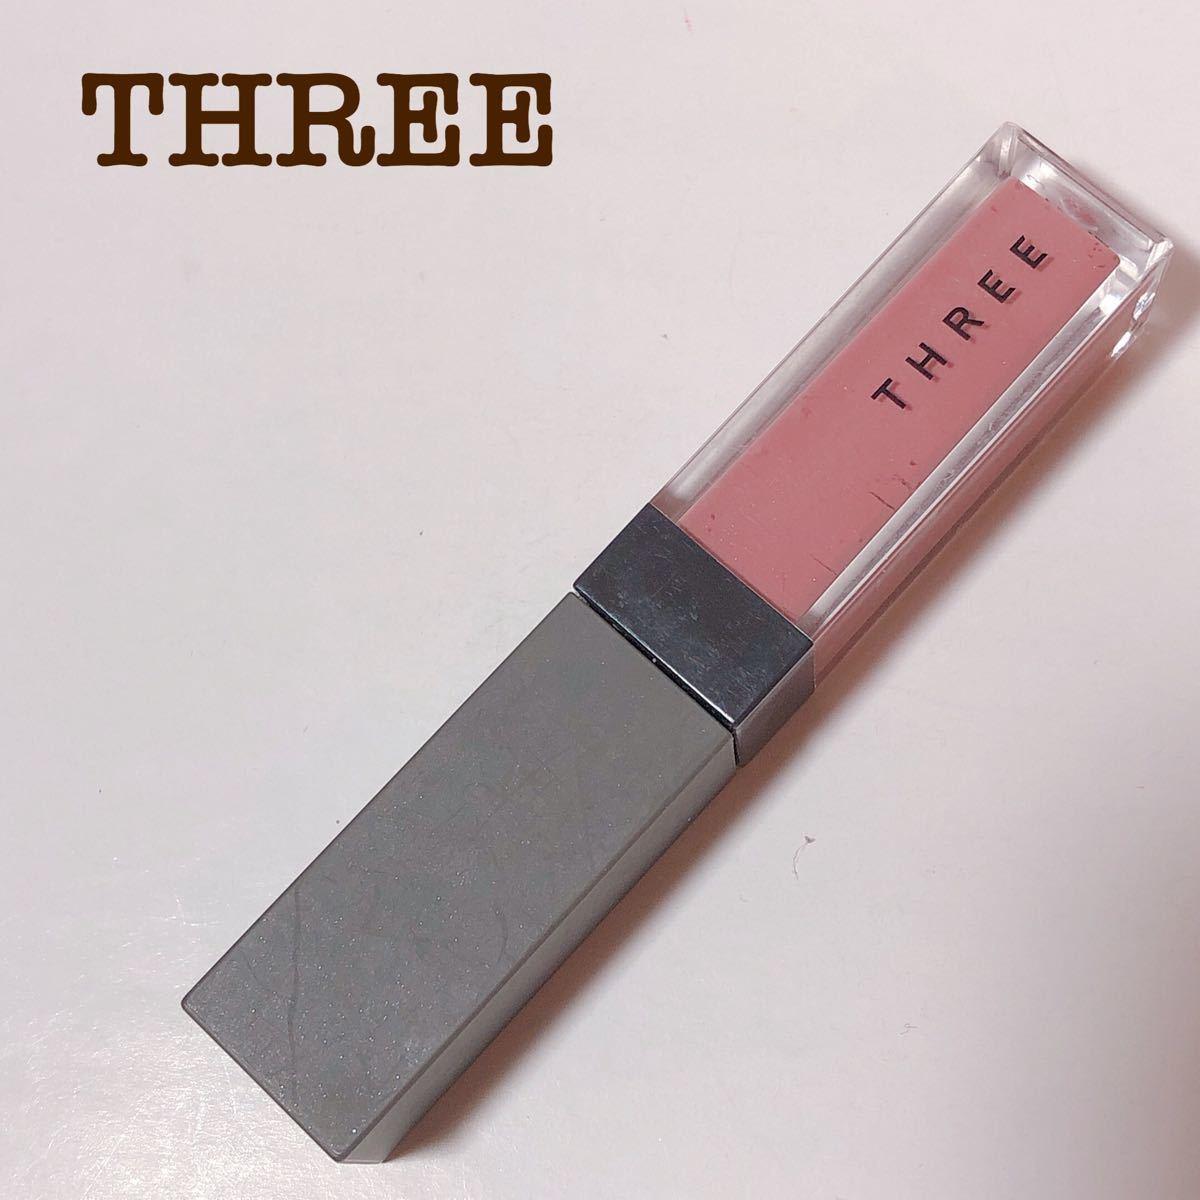 THREE スリー シマリング リップジャム 12 ヌードピンク系 リップグロス